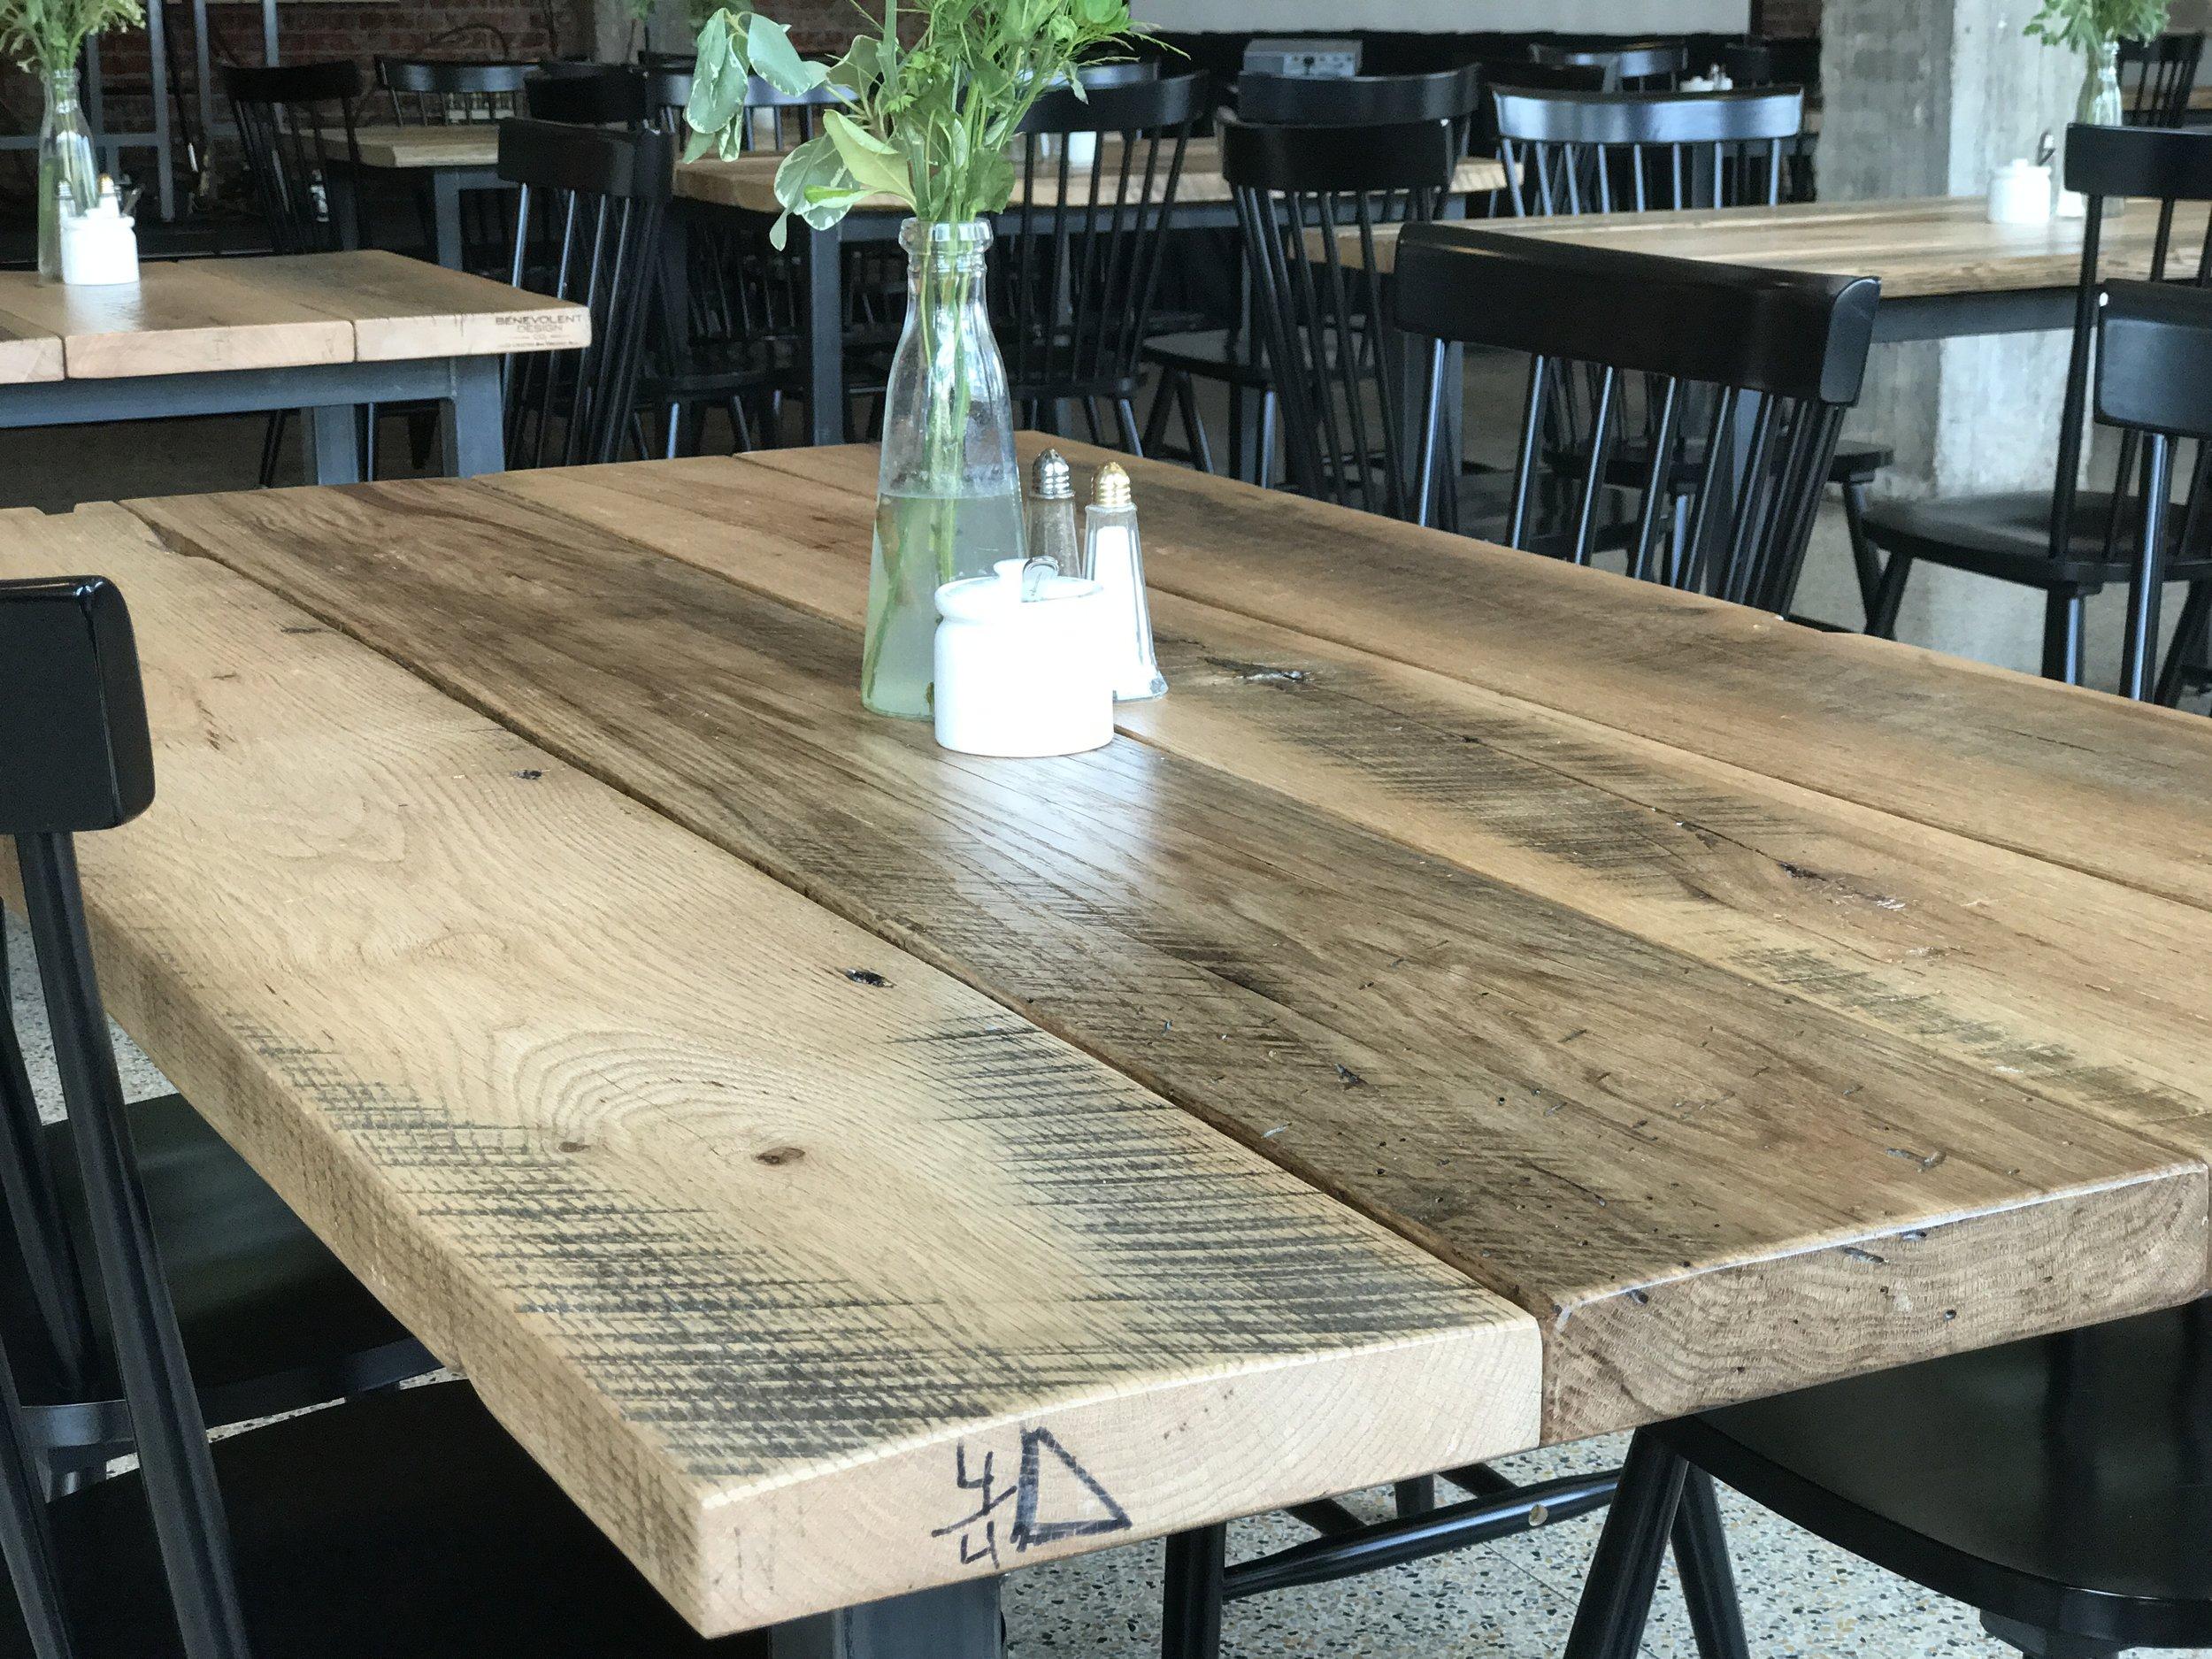 commune-nfk-table-view.JPG